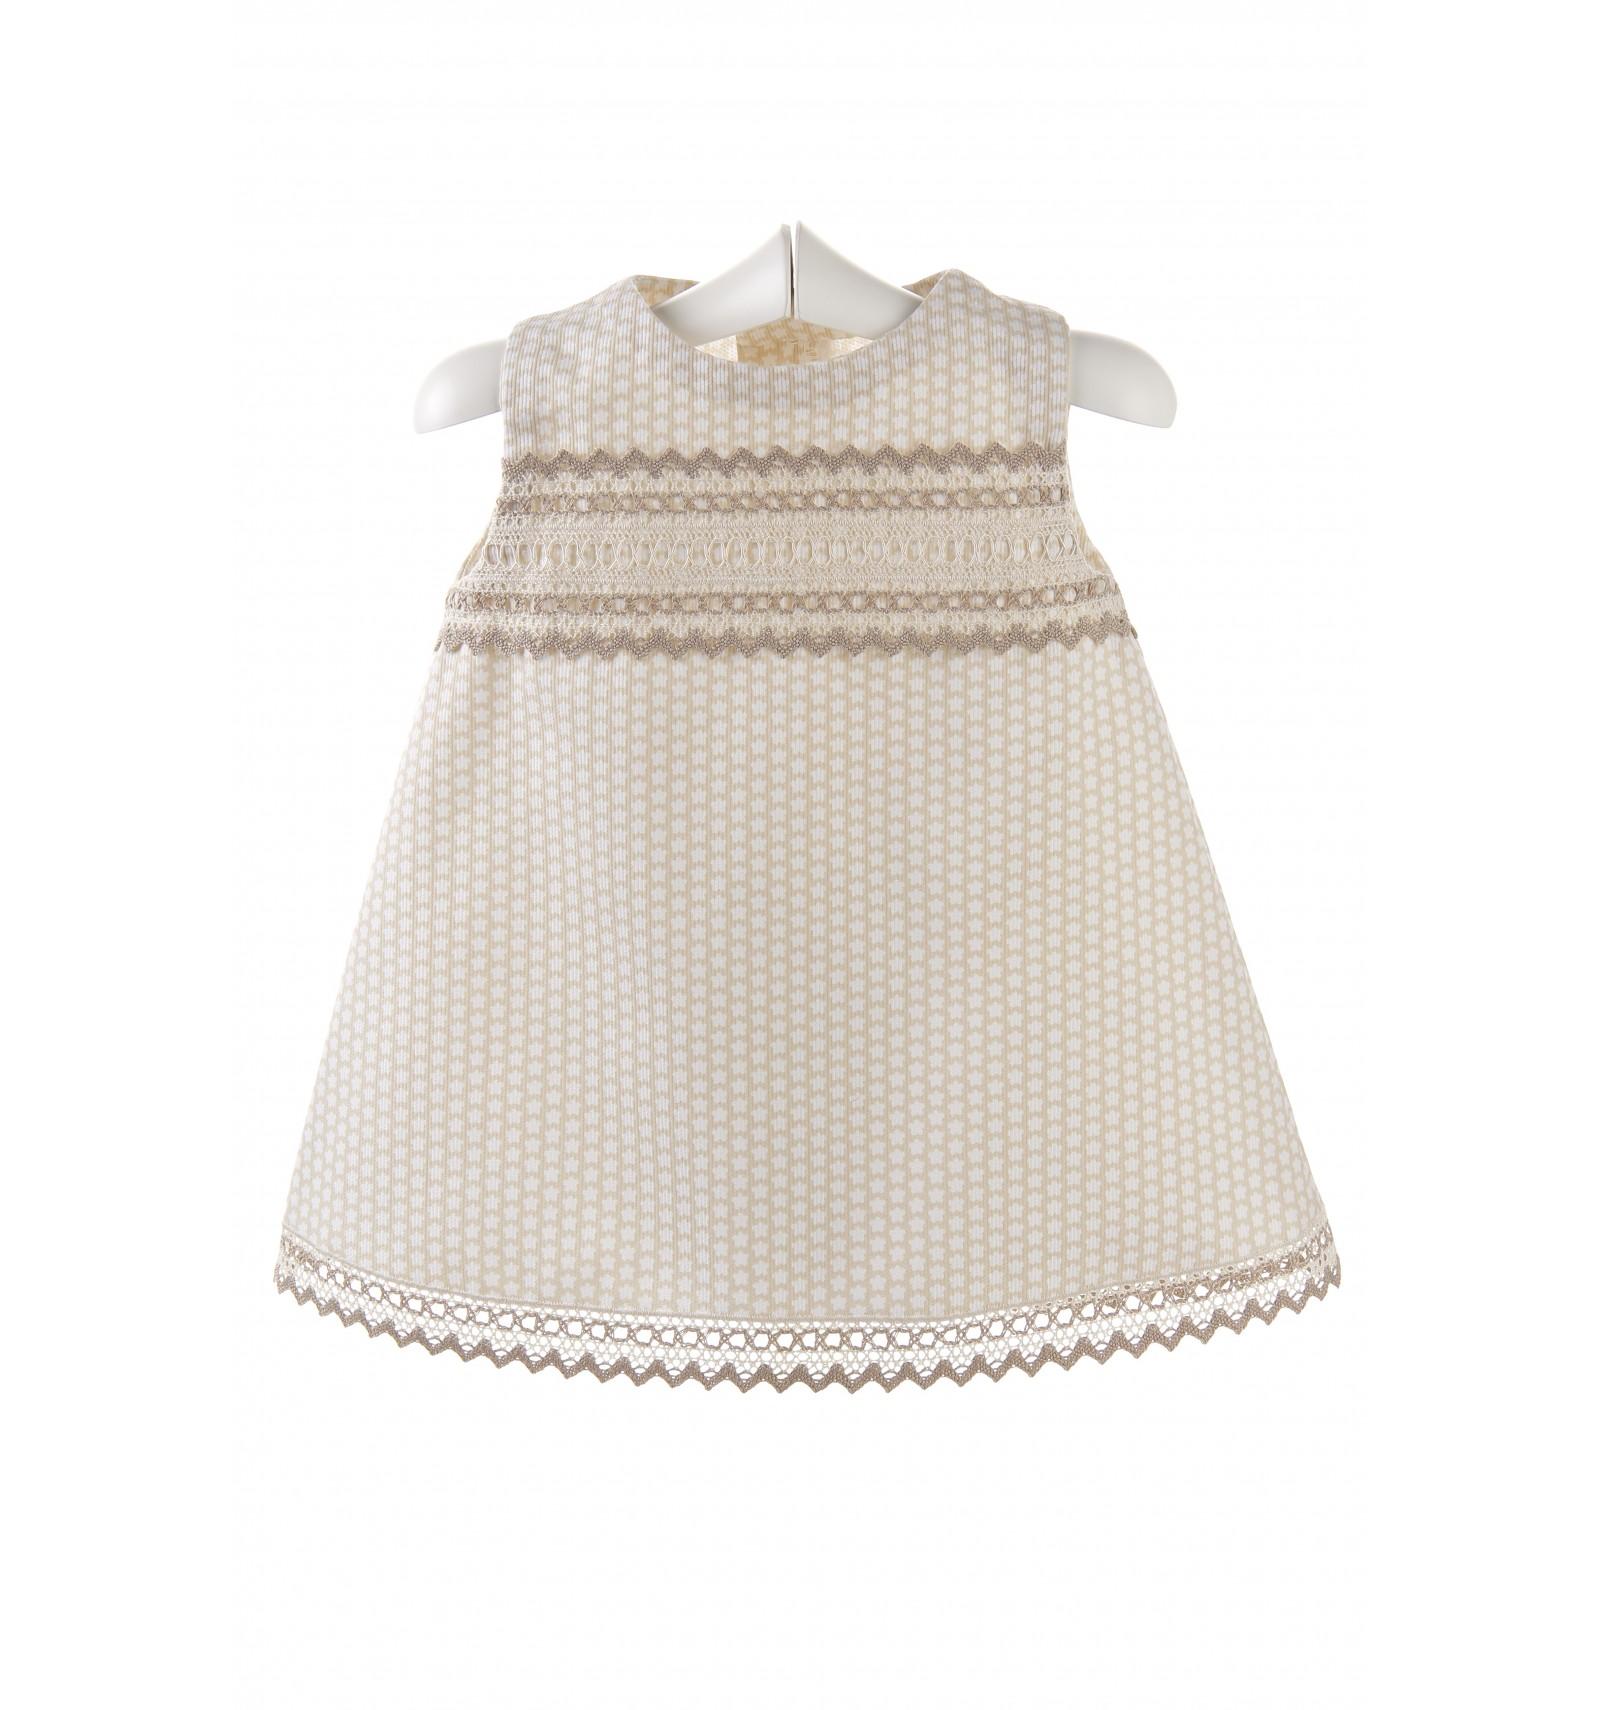 Vestido para bebé de pique con encajes de bolillo.Ropa bebe 2016 bc1c06e29ae3